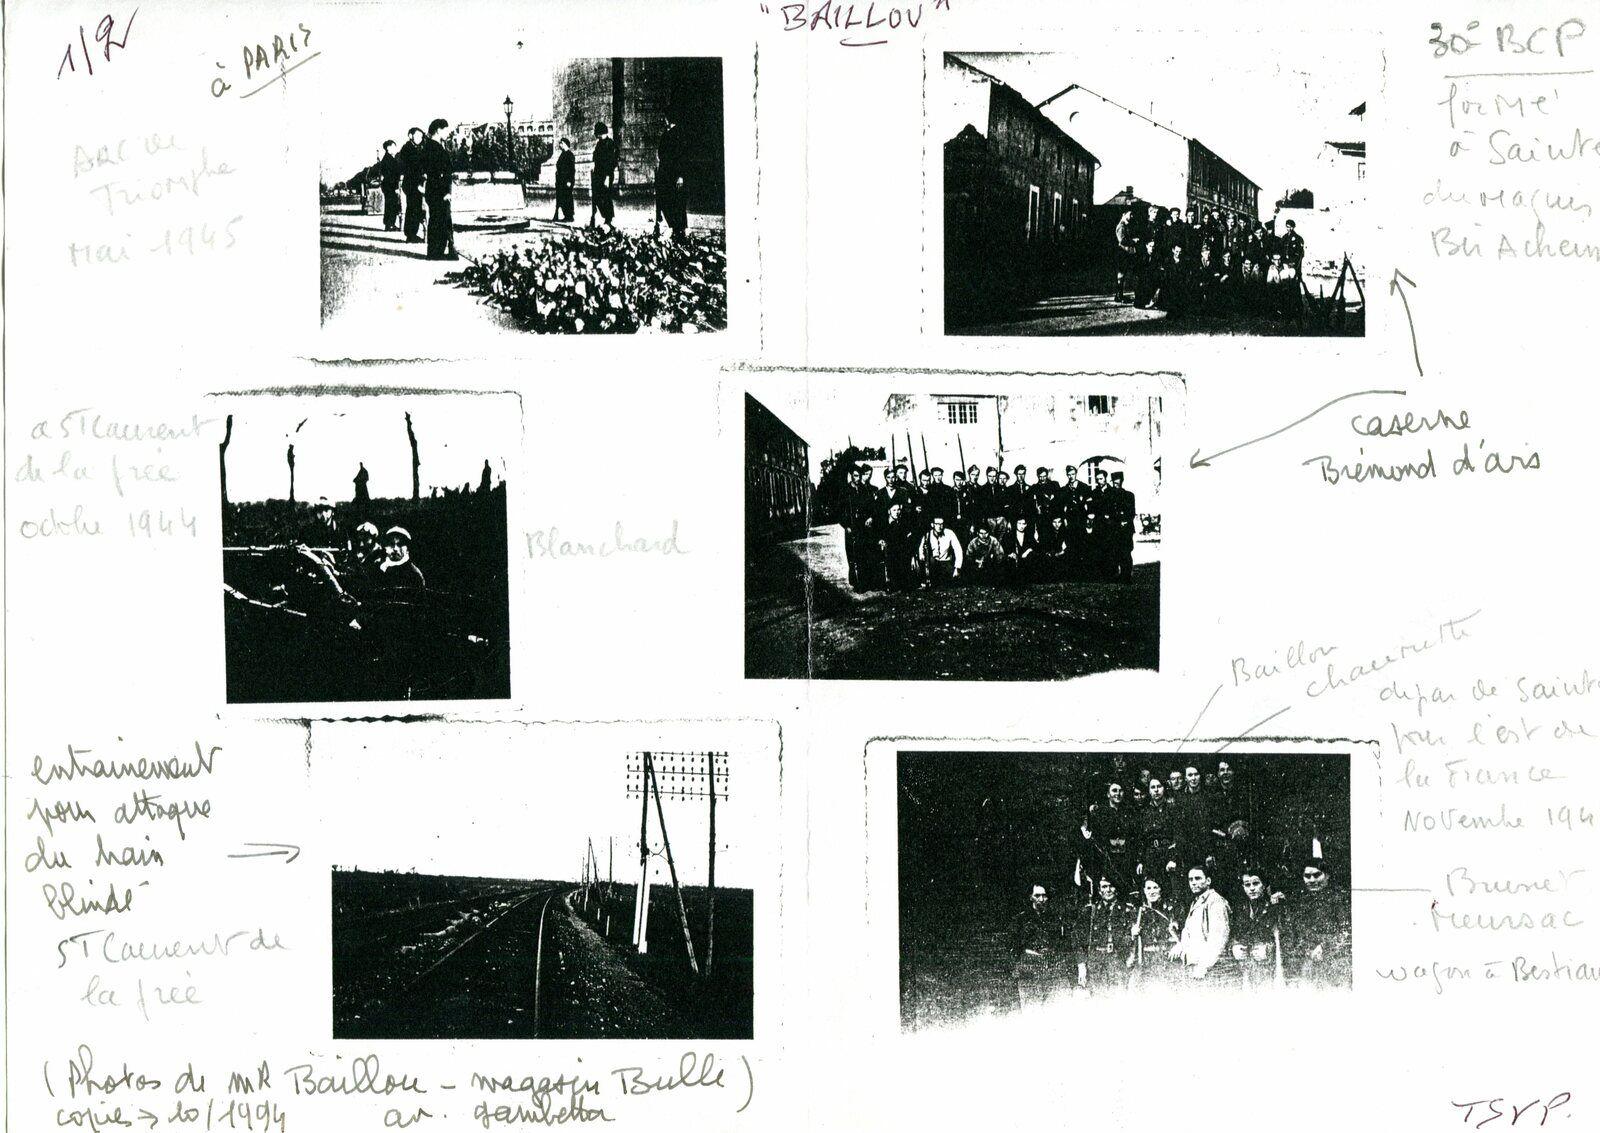 """Le policier de Saintes tué par une bombe. La guerre du Saintais Georges Baillou. Le soldat allemand de la """" Luftwaffe """", prisonnier à Toulouse, qui a fini sa vie à Saintes. Bombardement de Saintes, la cloche abri depuis le triage (Saintes) à la gare de Beillant...."""